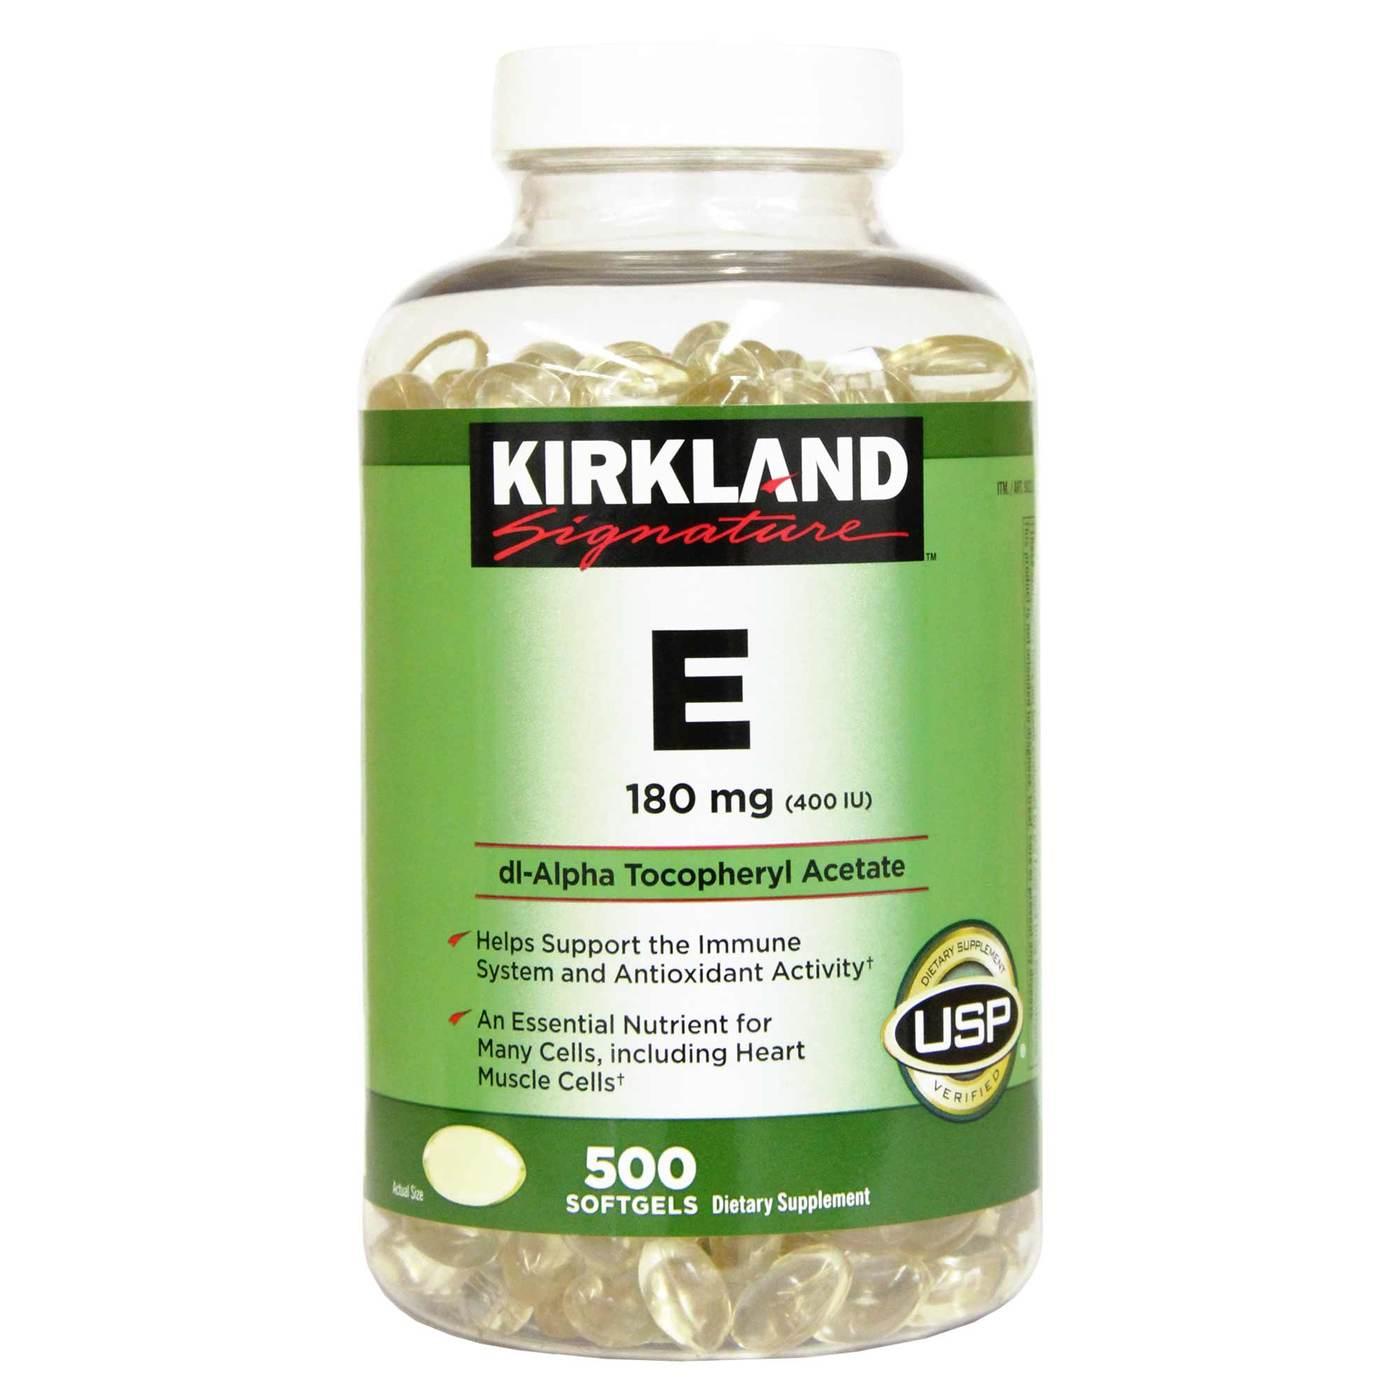 Kirkland Signature E 180 Mg 400iu 500 Softgels Evitamins Com